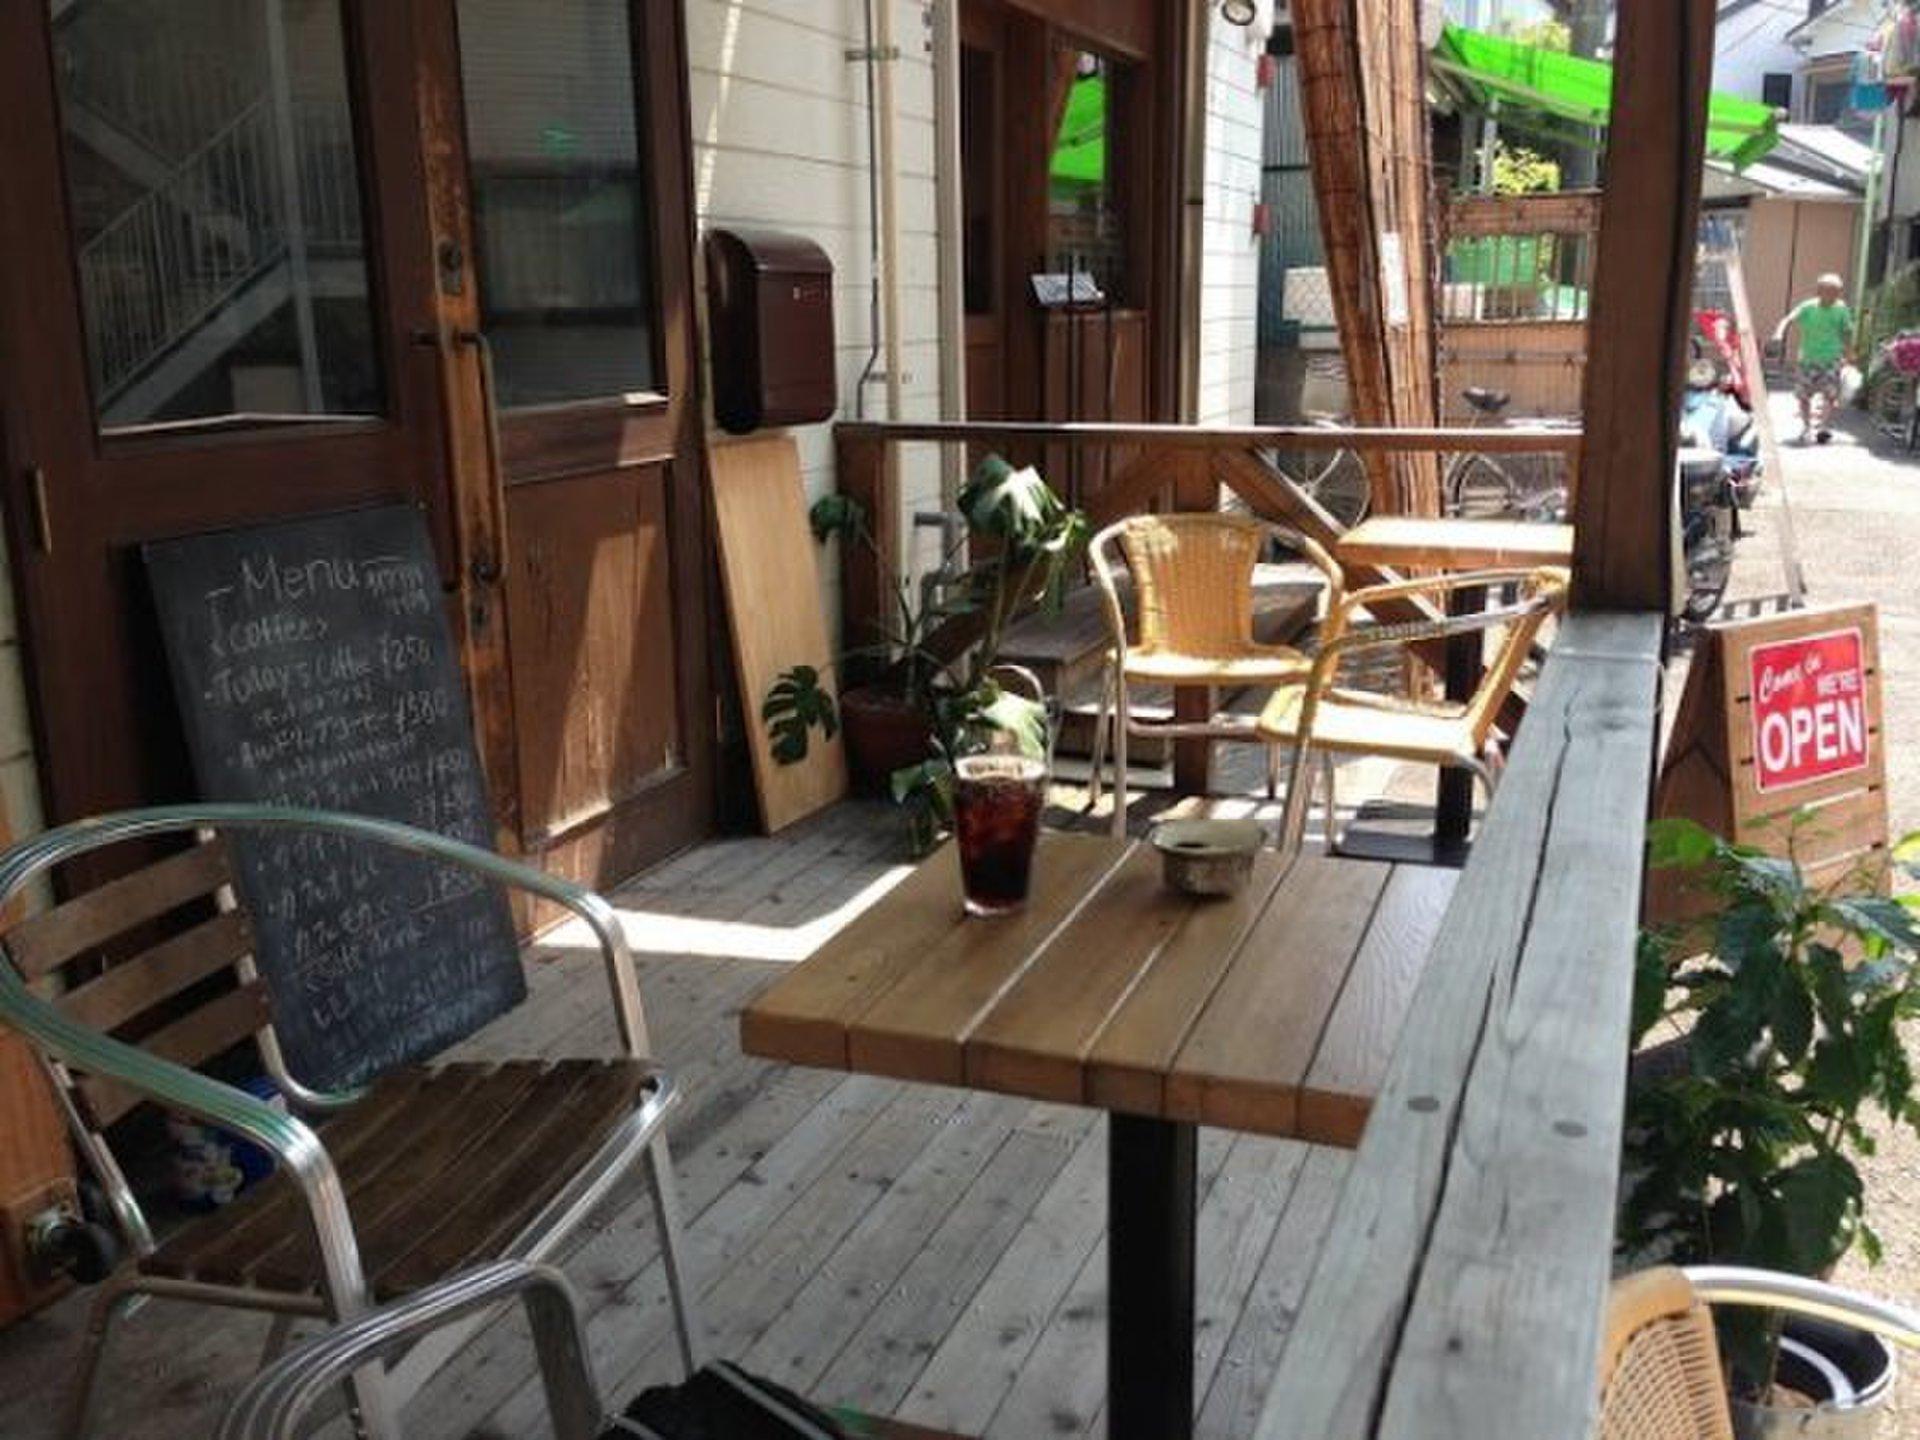 【横浜の元町でおすすめの美味しいコーヒースポット】散歩しながらおしゃれスポットを巡るデートコース